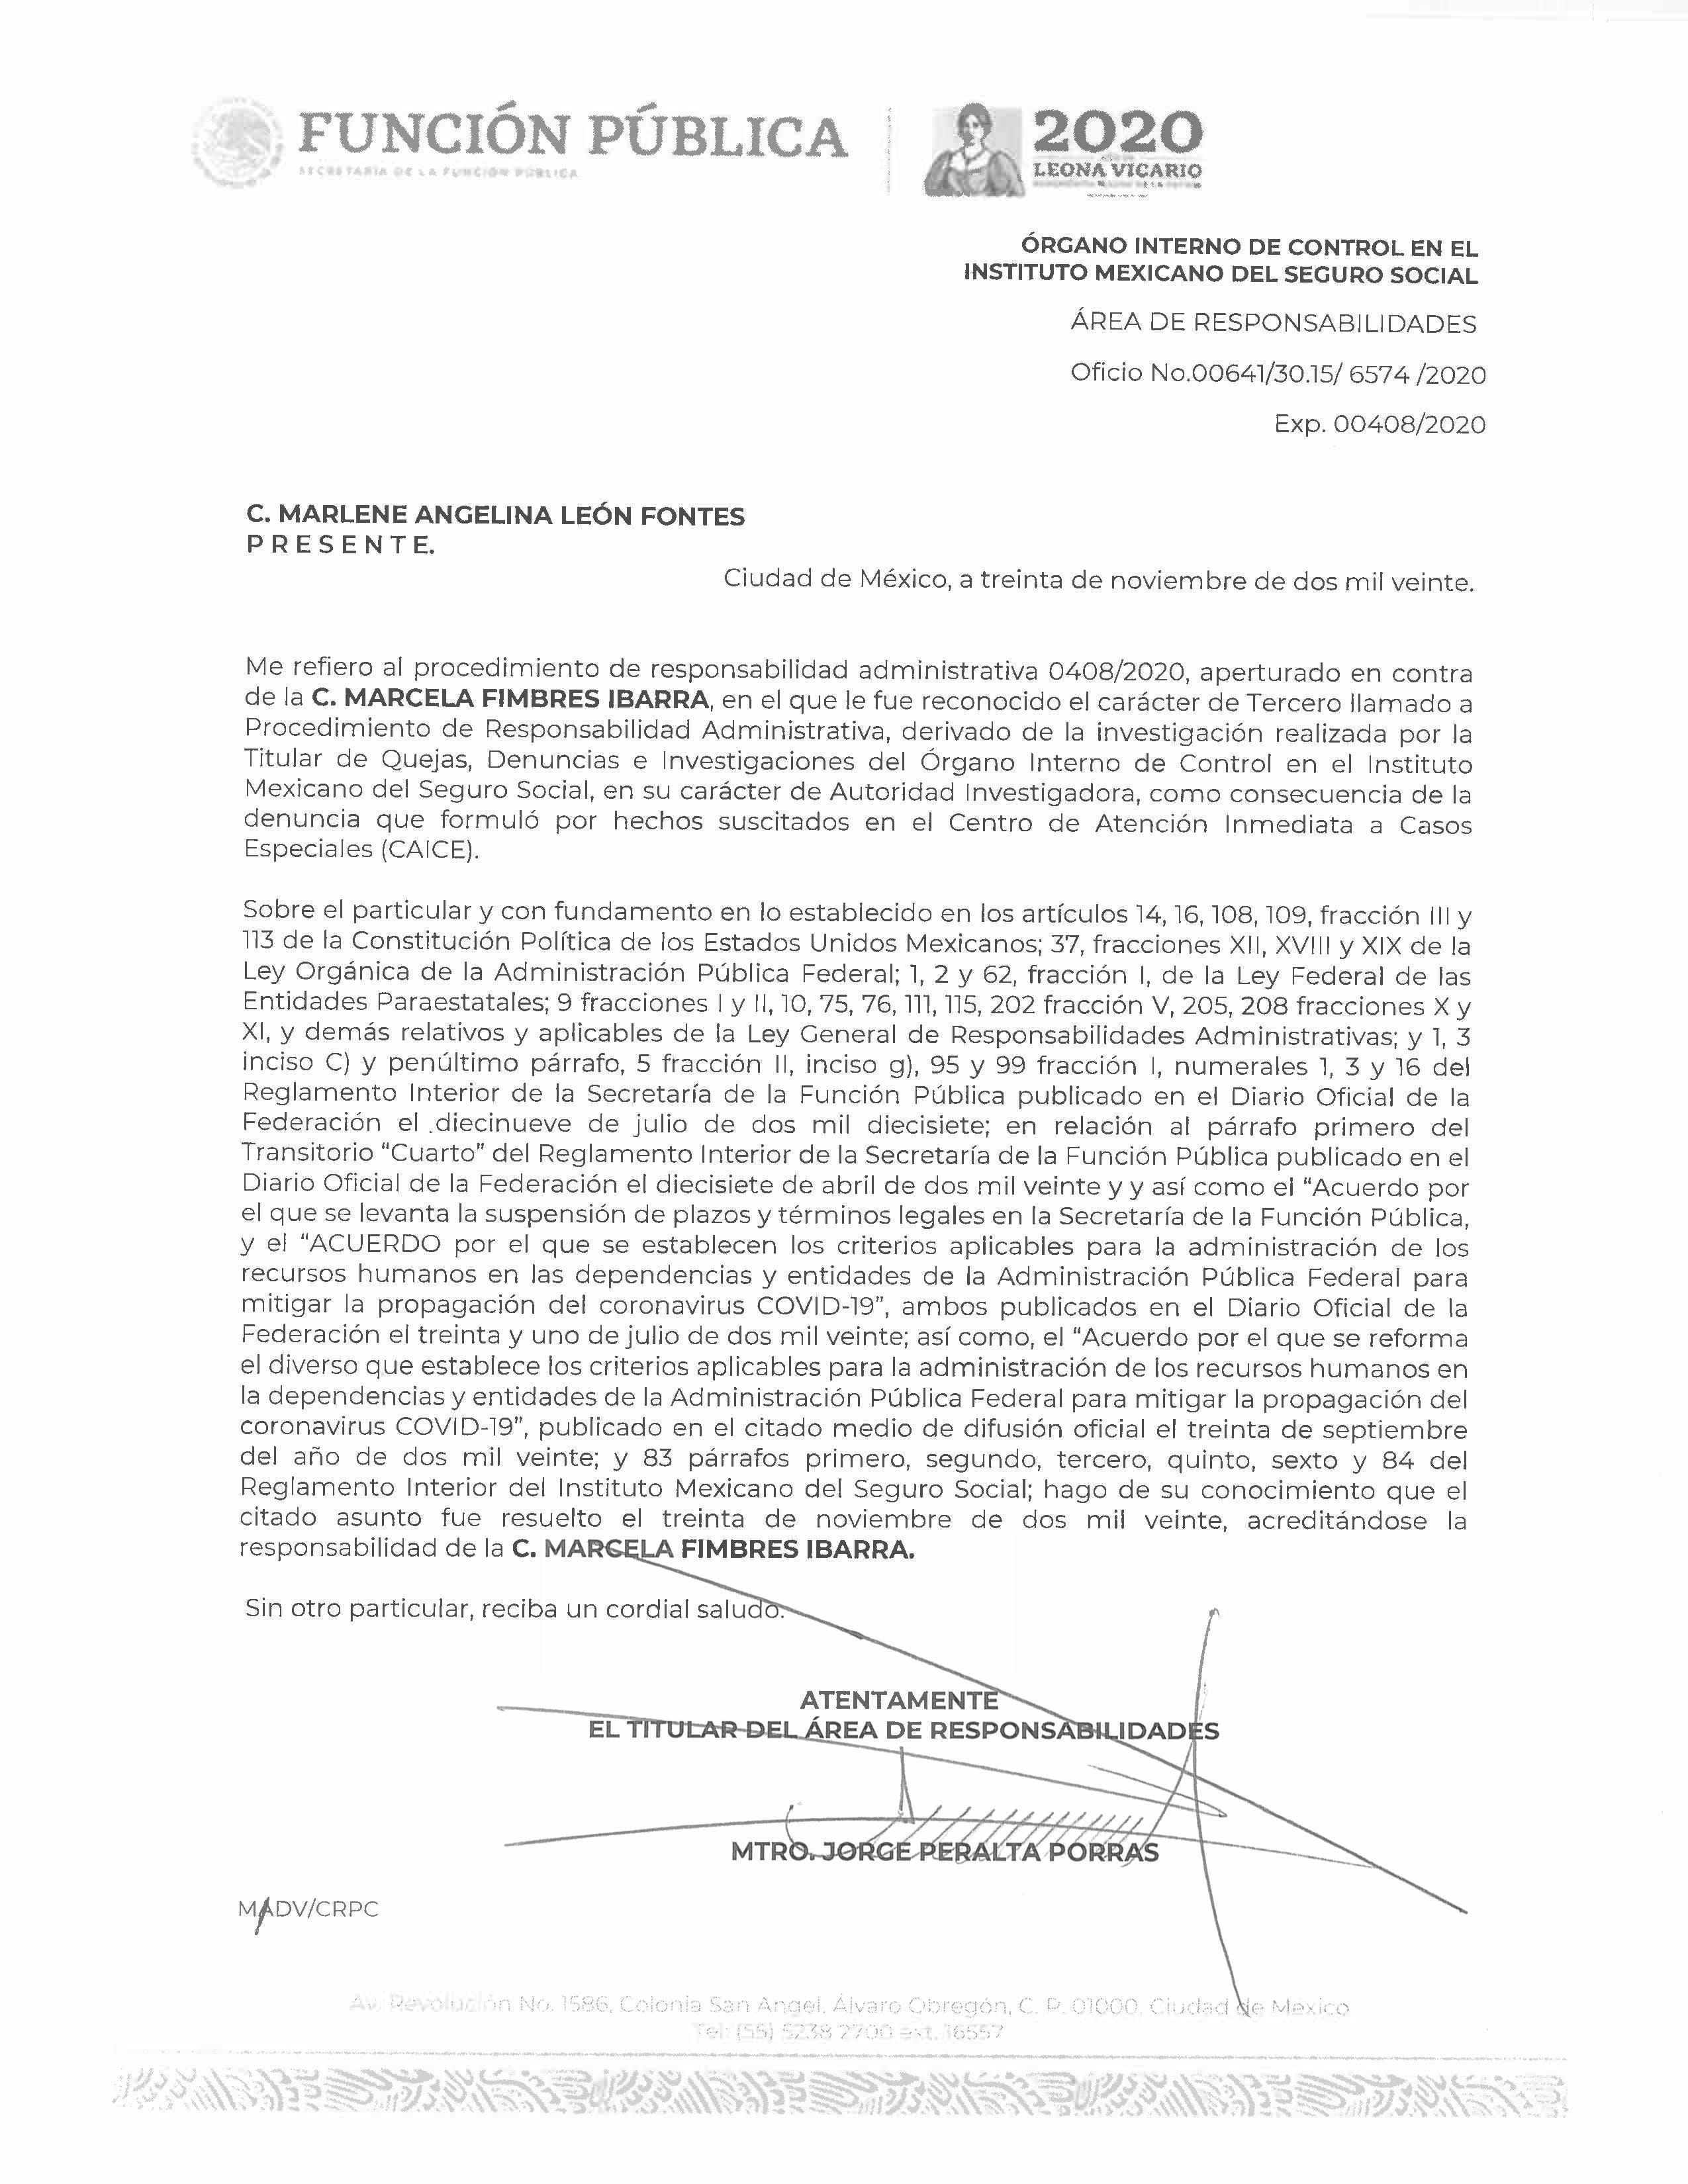 Marcela Fimbres Ibarra fue inhabilitada por 12 años por corrupción.